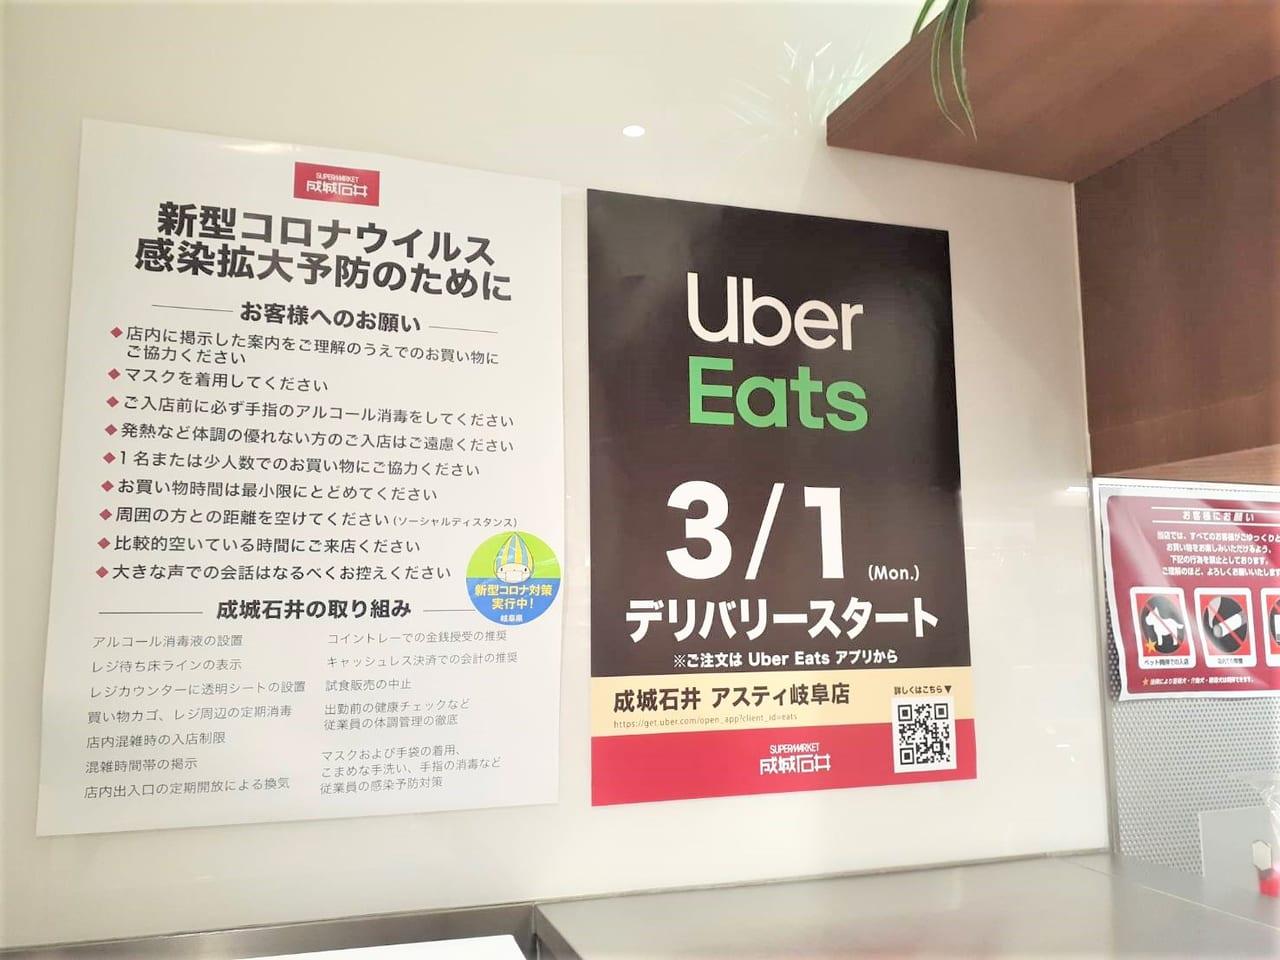 岐阜 ウーバー イーツ Uber Eats(ウーバーイーツ)が岐阜で開始!配達エリアや登録方法は?|おいしいデリバリー